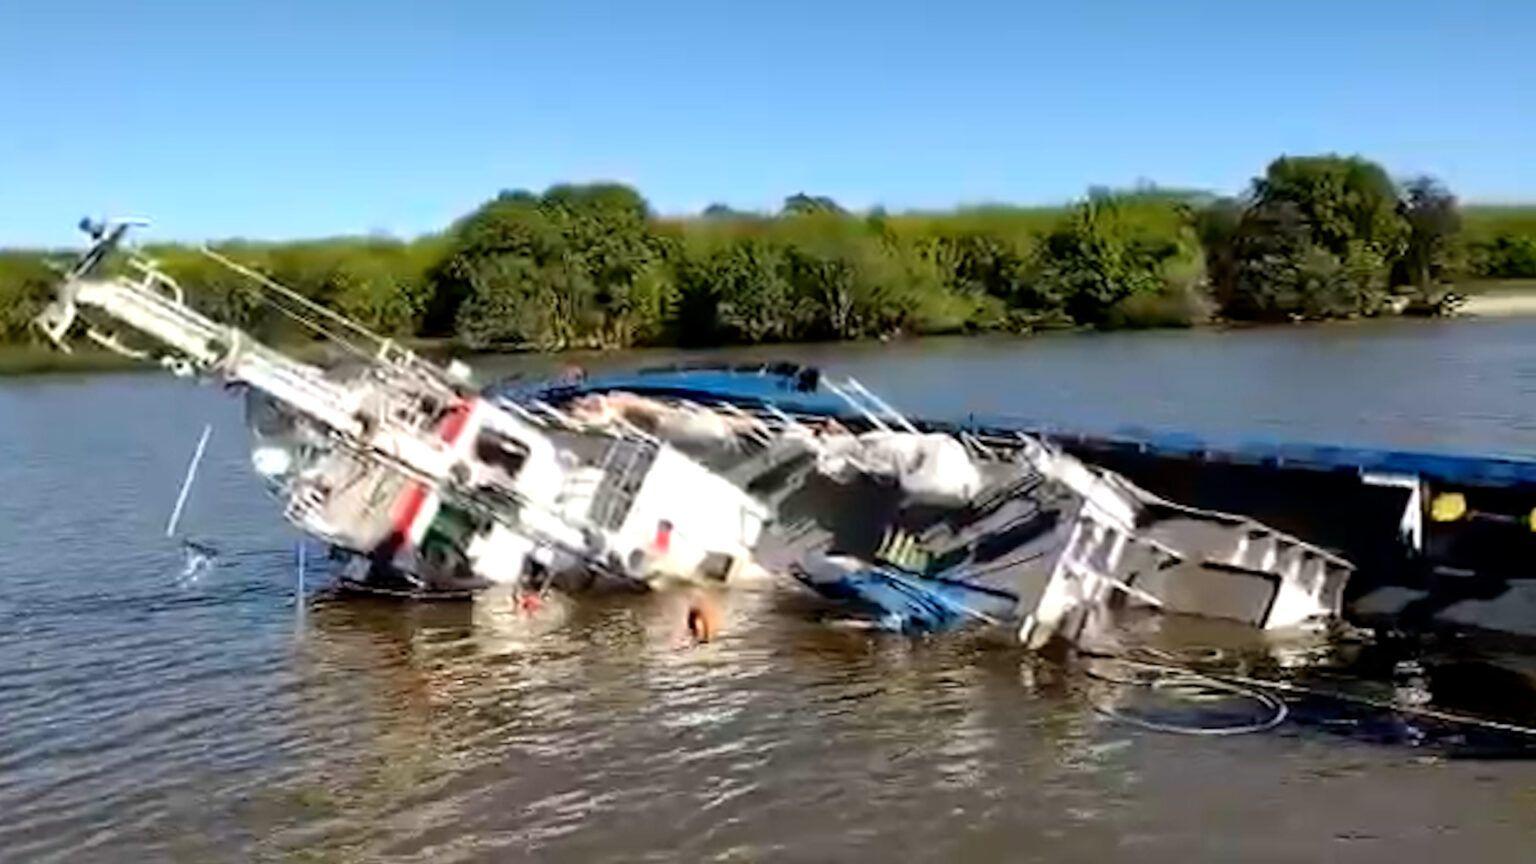 El accidente se produjo en pleno ingreso al Puerto de La Plata